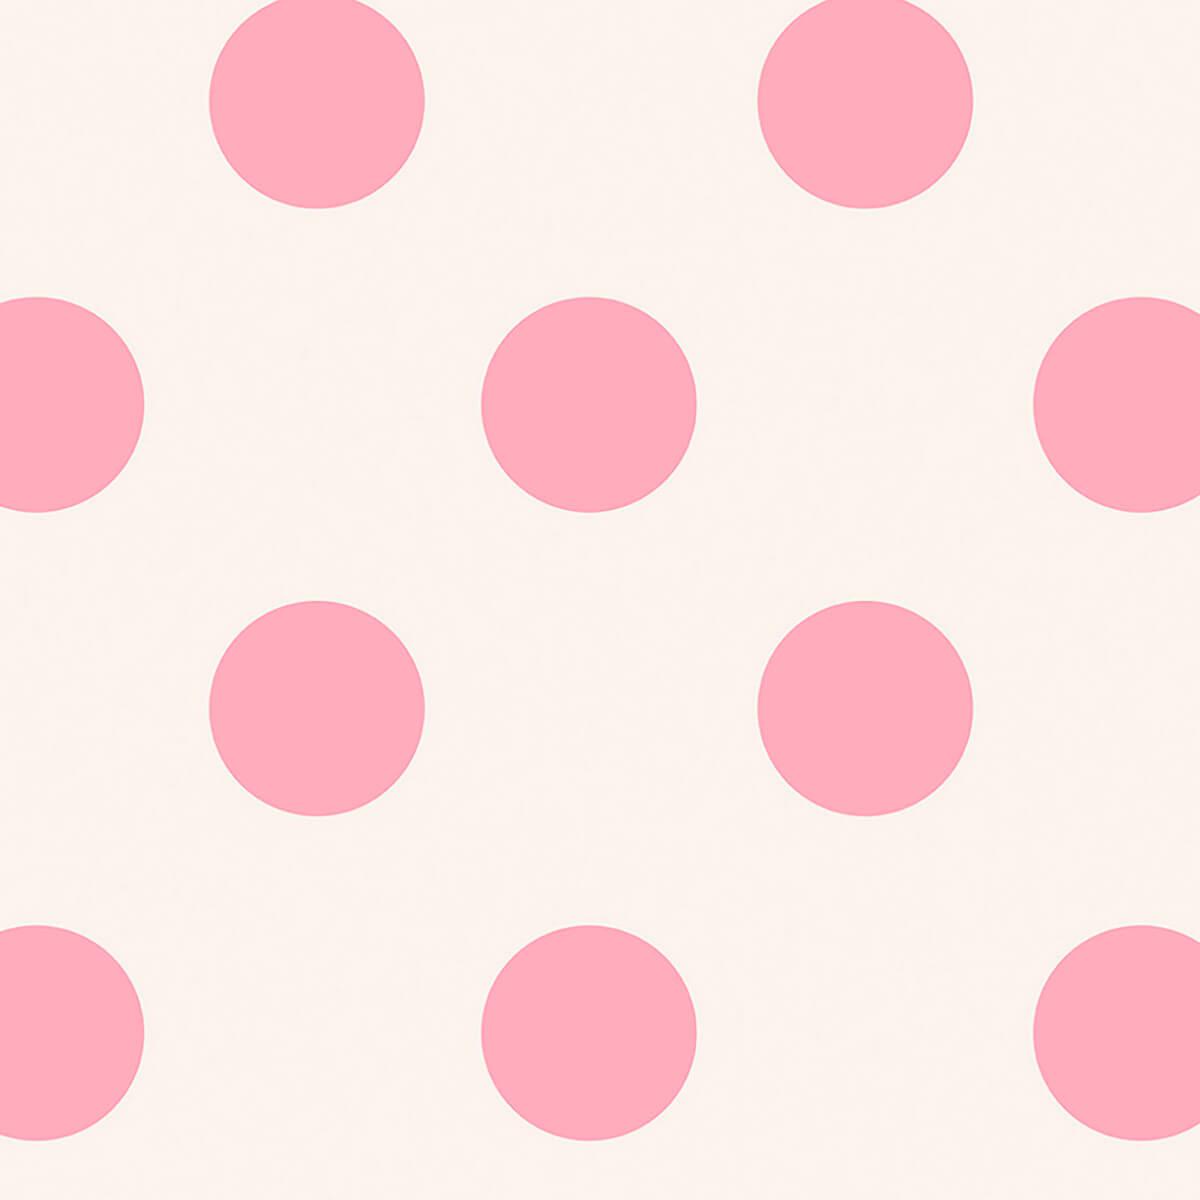 Papel de parede bolas | Regina Strumpf